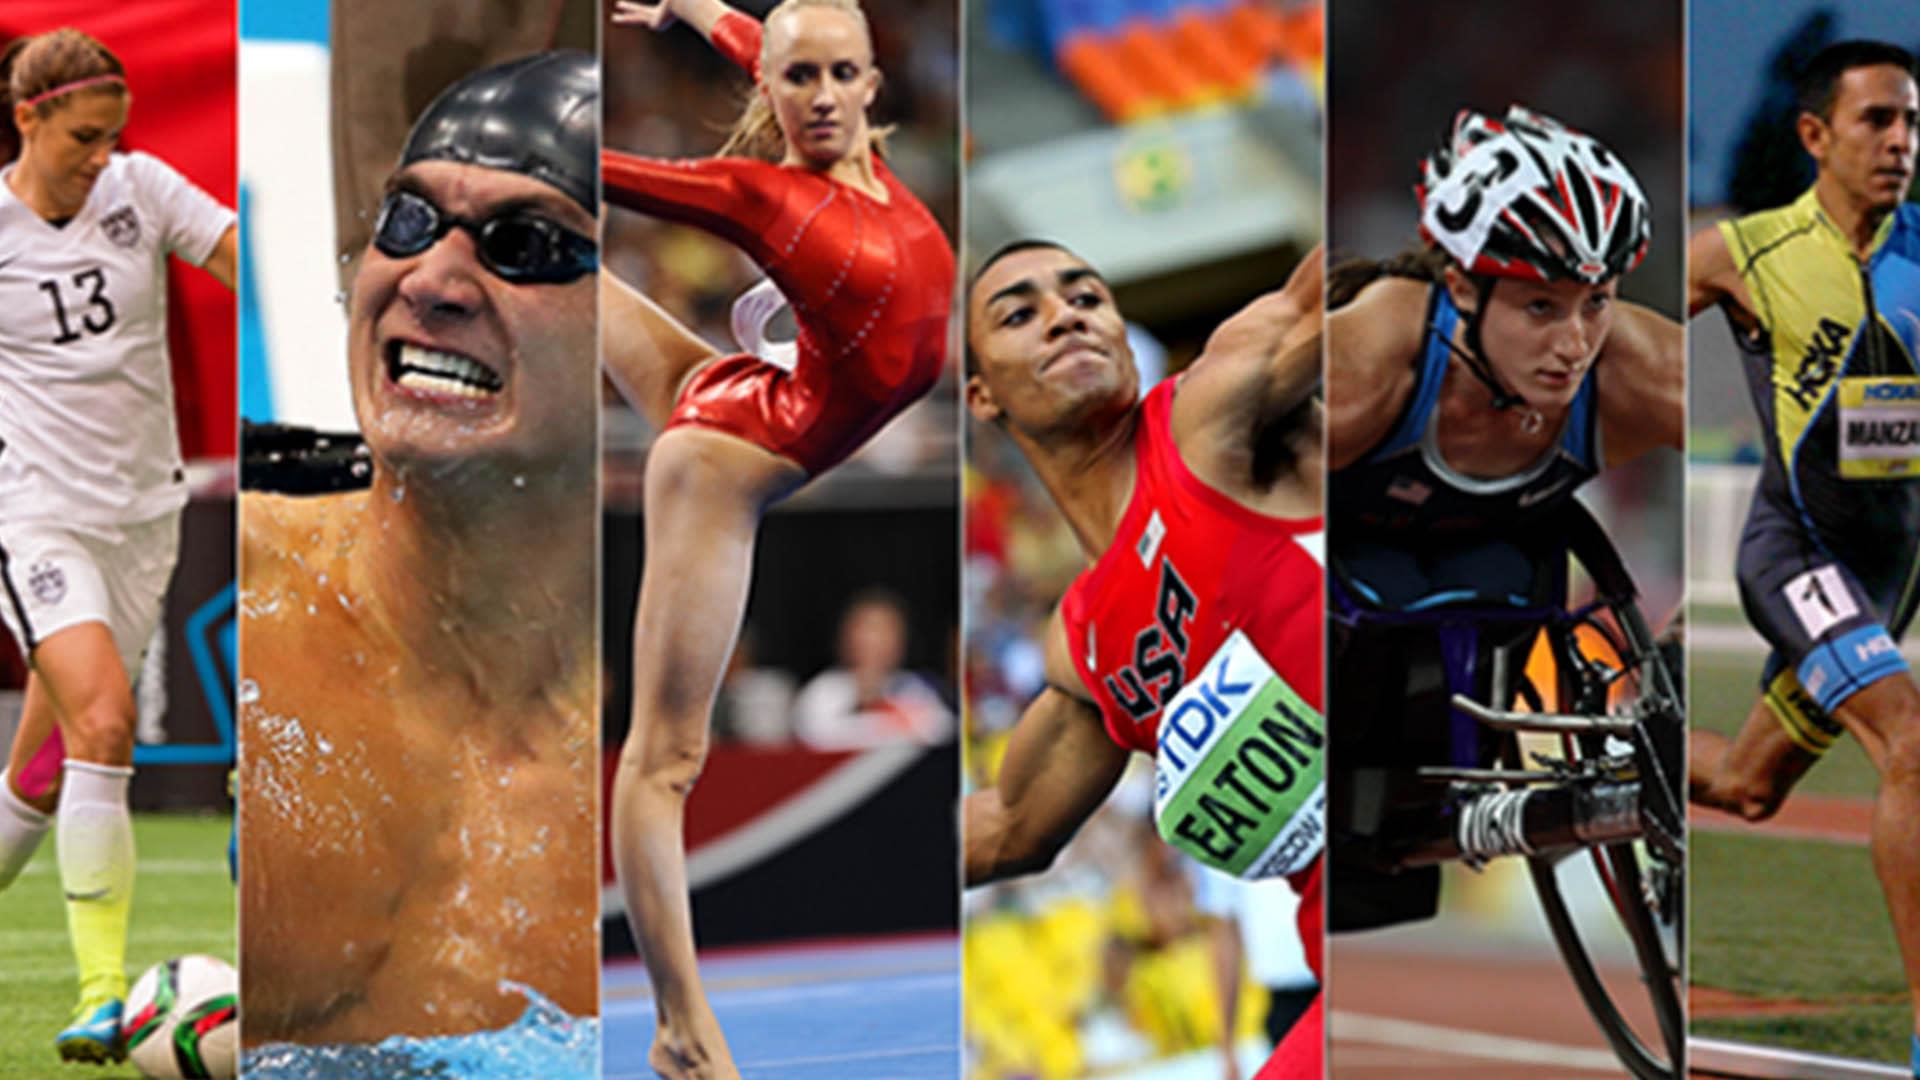 дисциплины спорта с картинками очень важных параметров